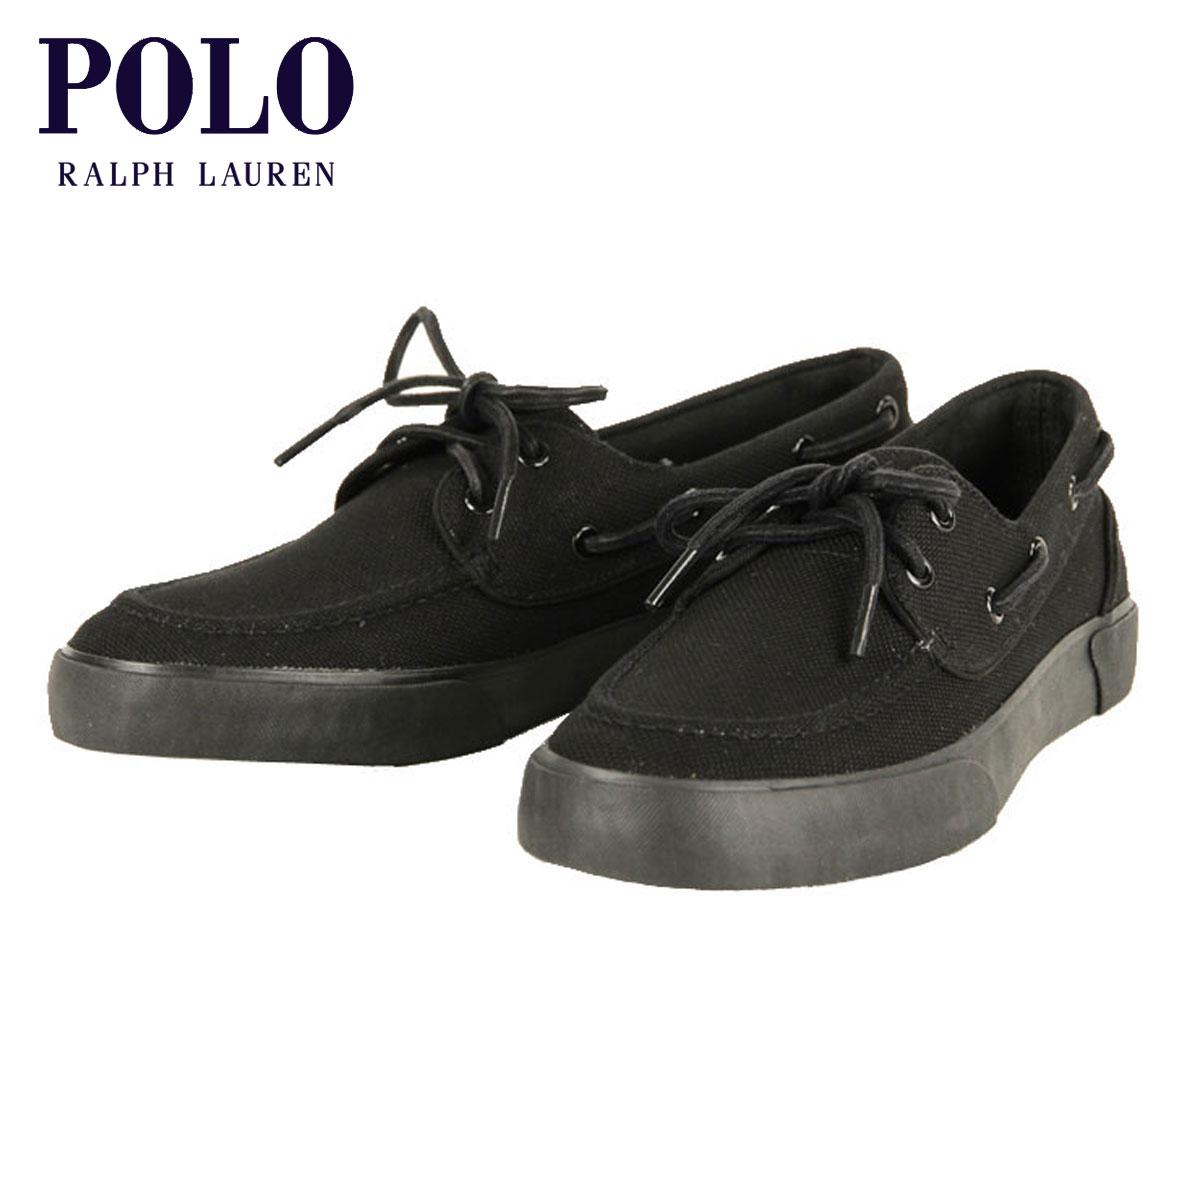 ポロ ラルフローレン POLO RALPH LAUREN 正規品 メンズ 靴 シューズ LANDER CANVAS SNEAKER D00S15